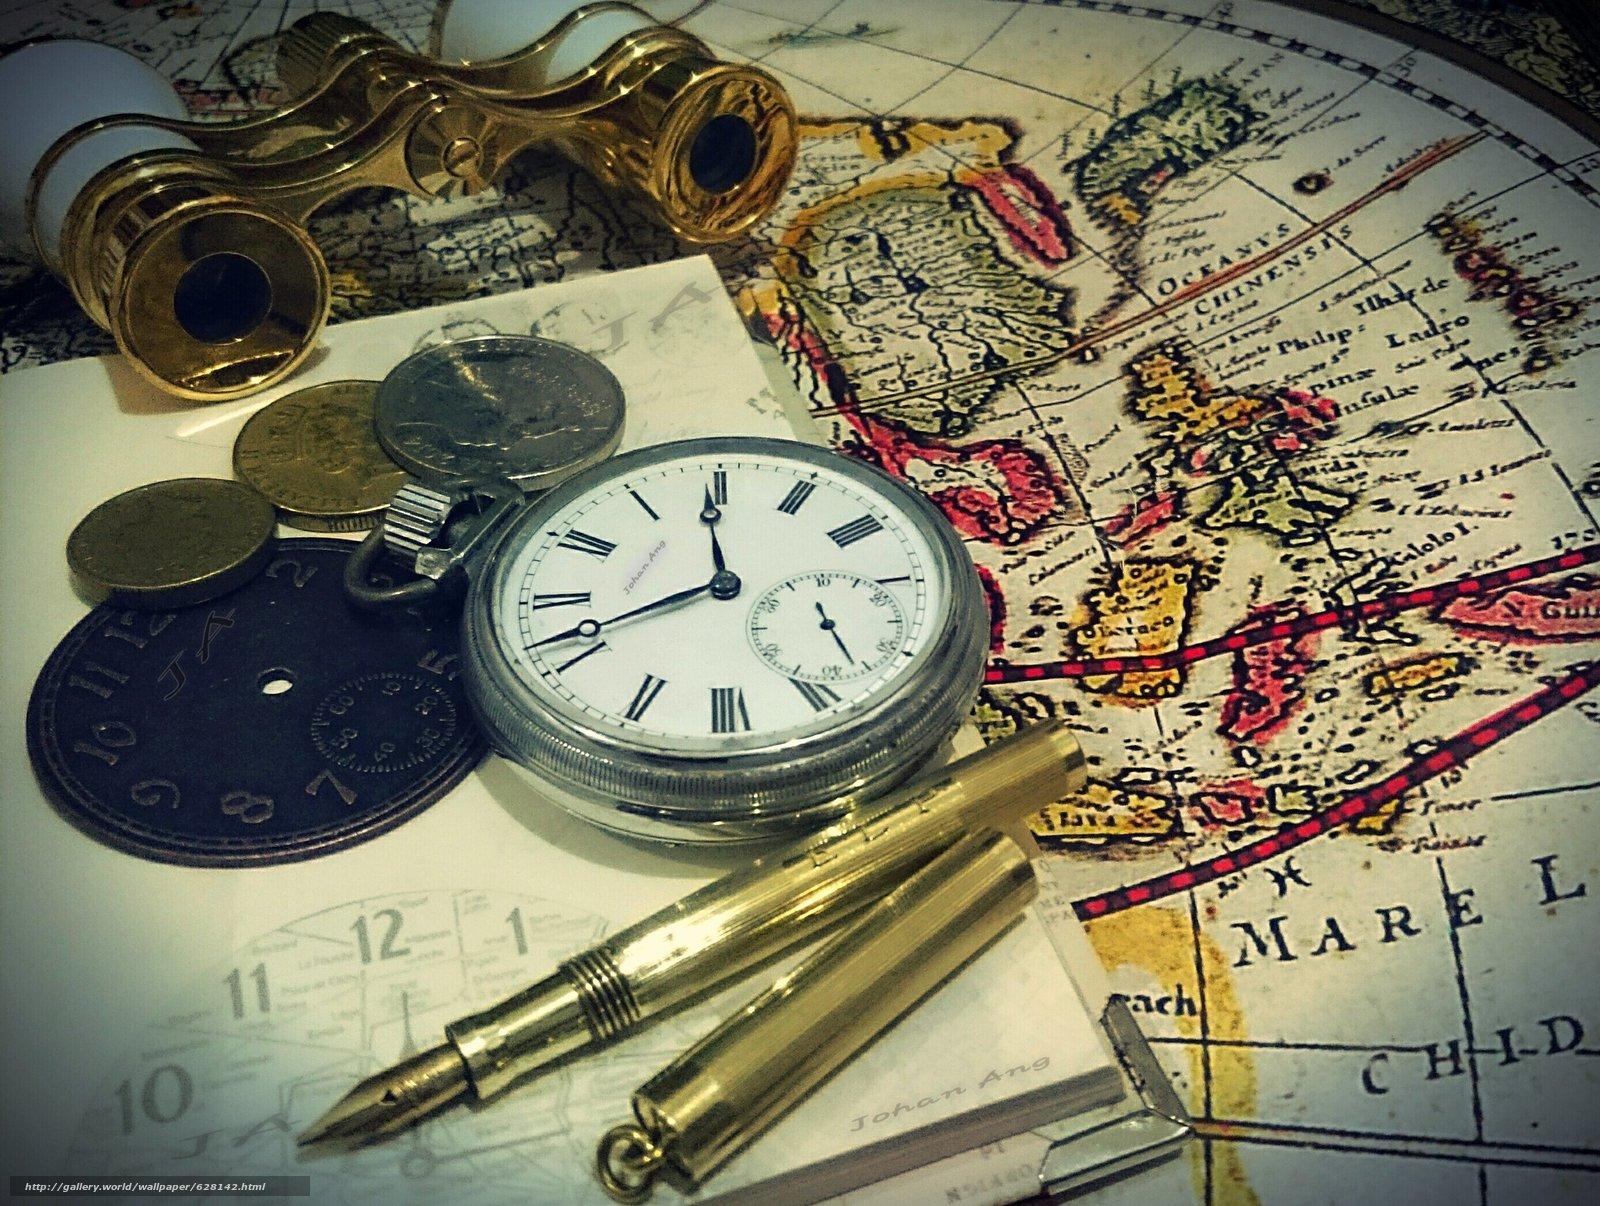 карта, деньги, часы, бинокль, ручка